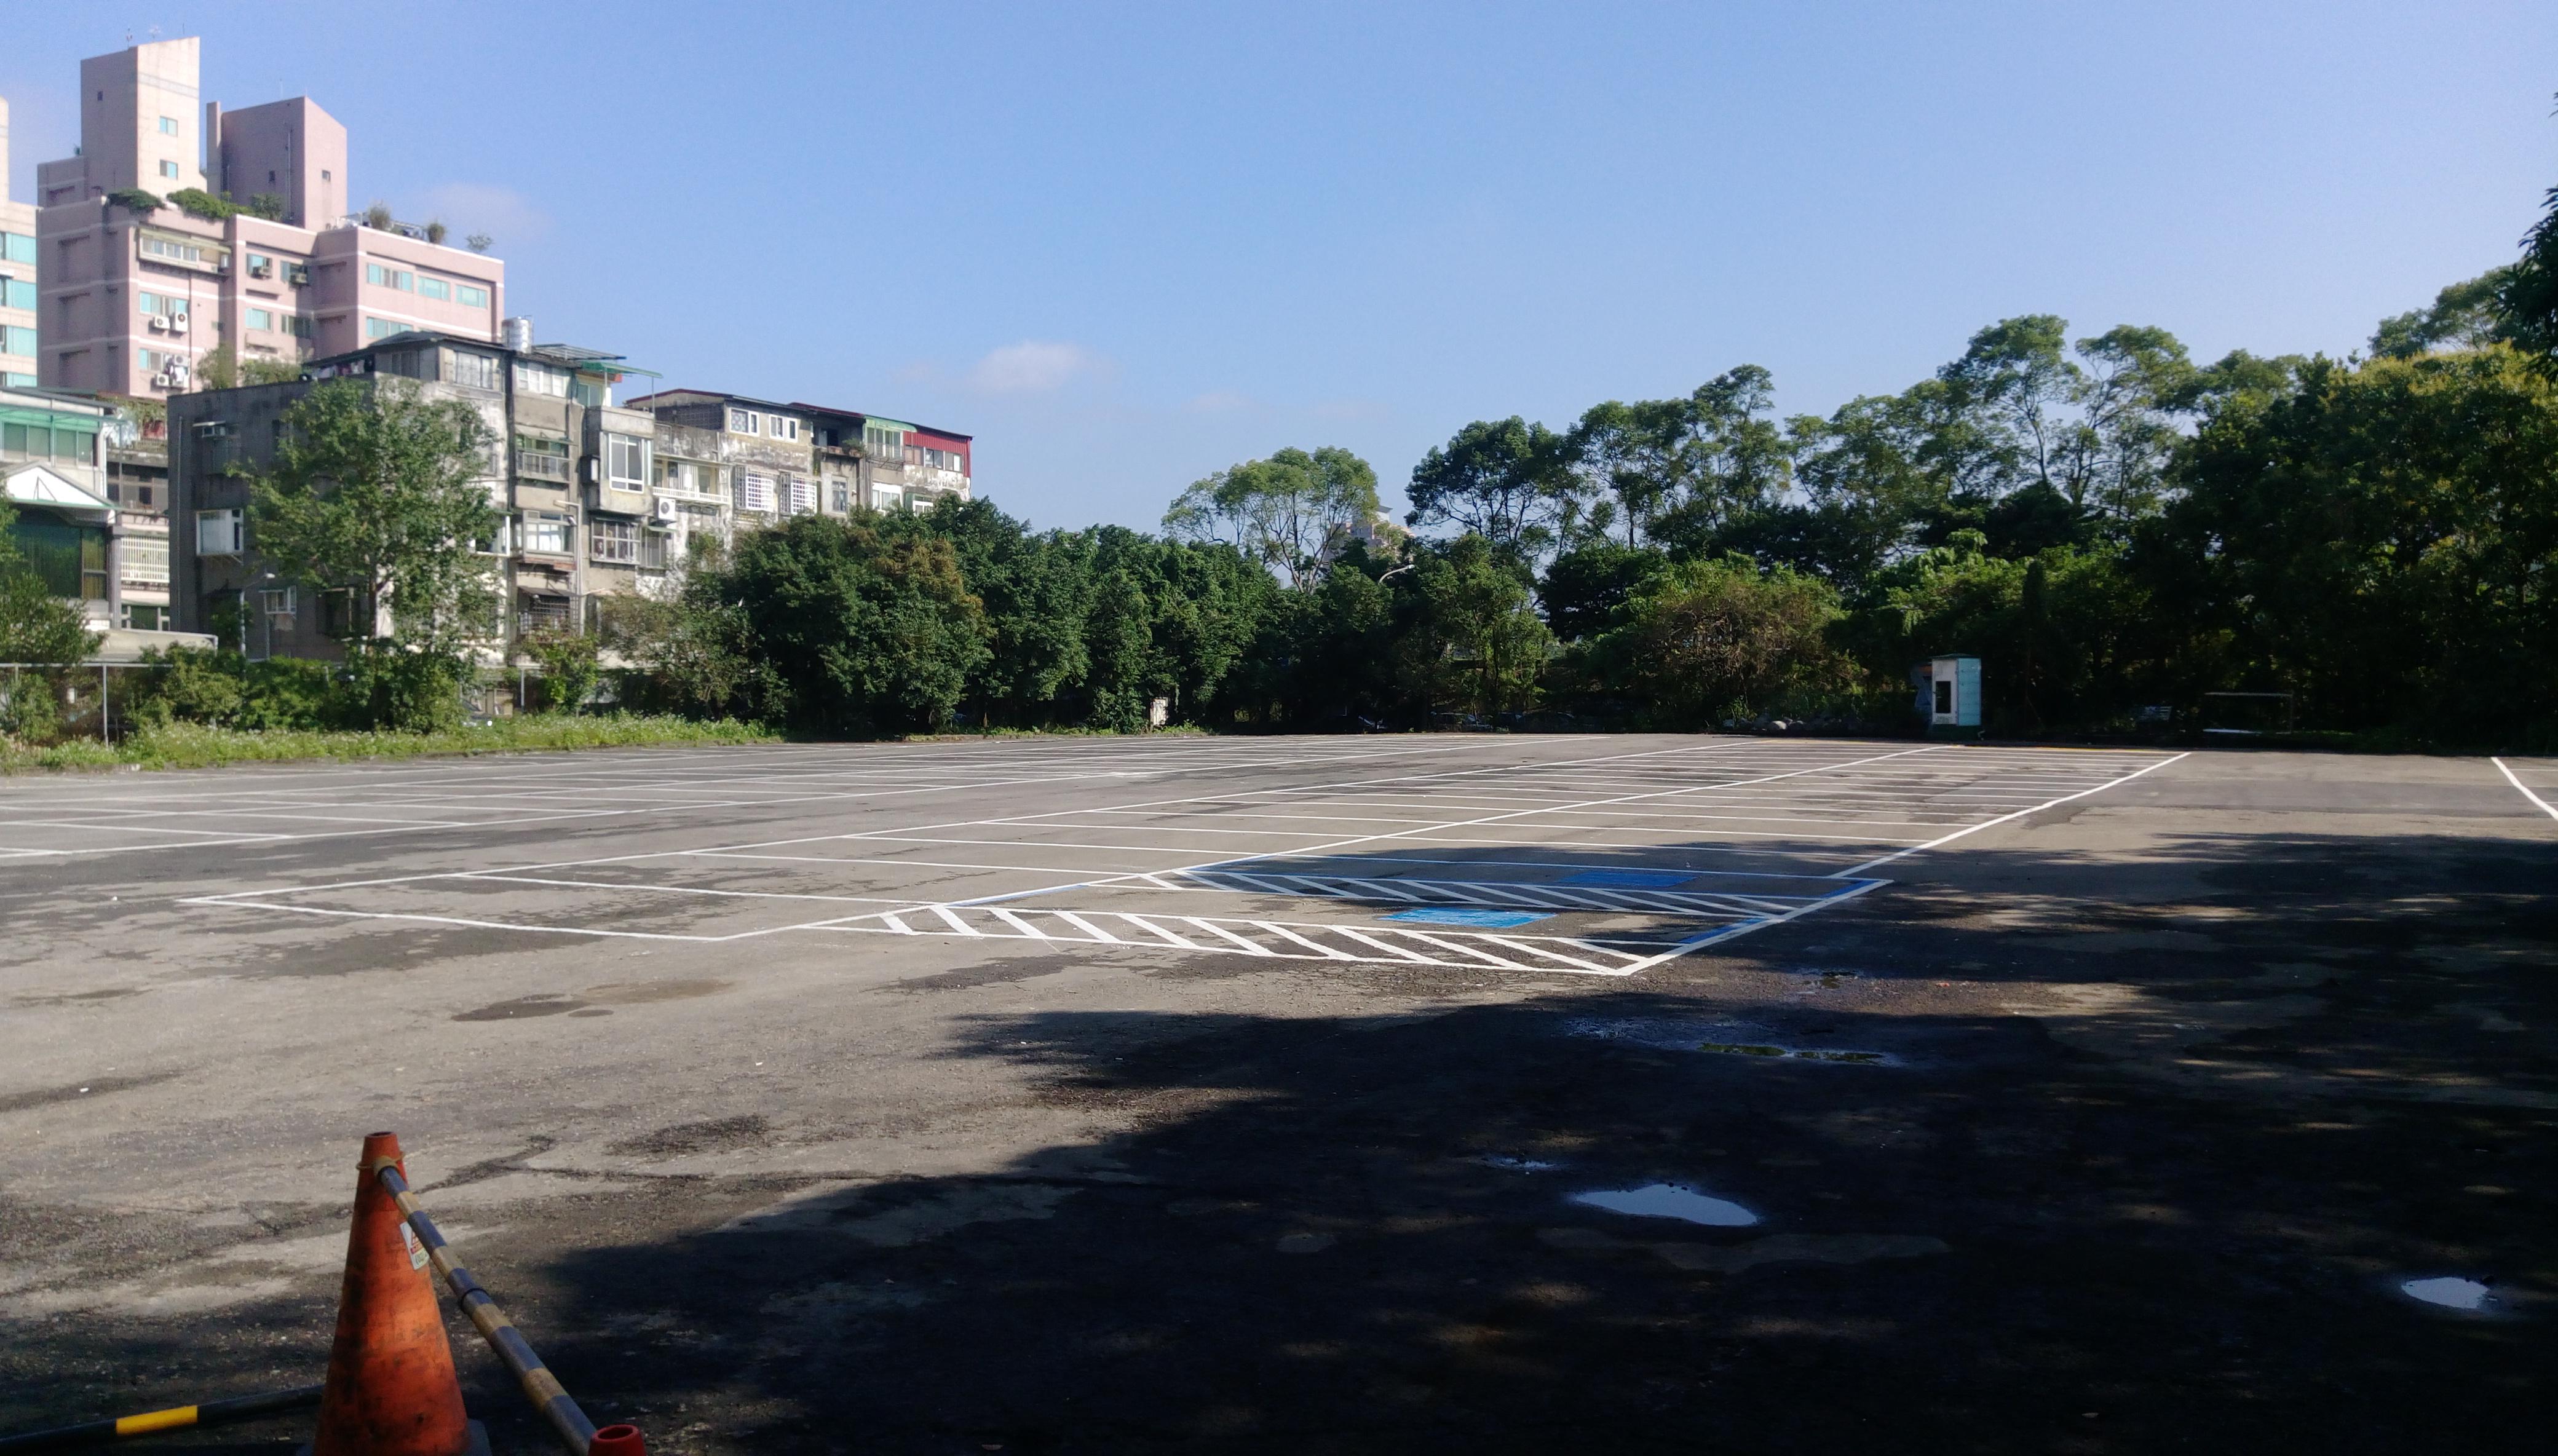 停車場內部將近有70至80個停車格。攝影/陳心亭